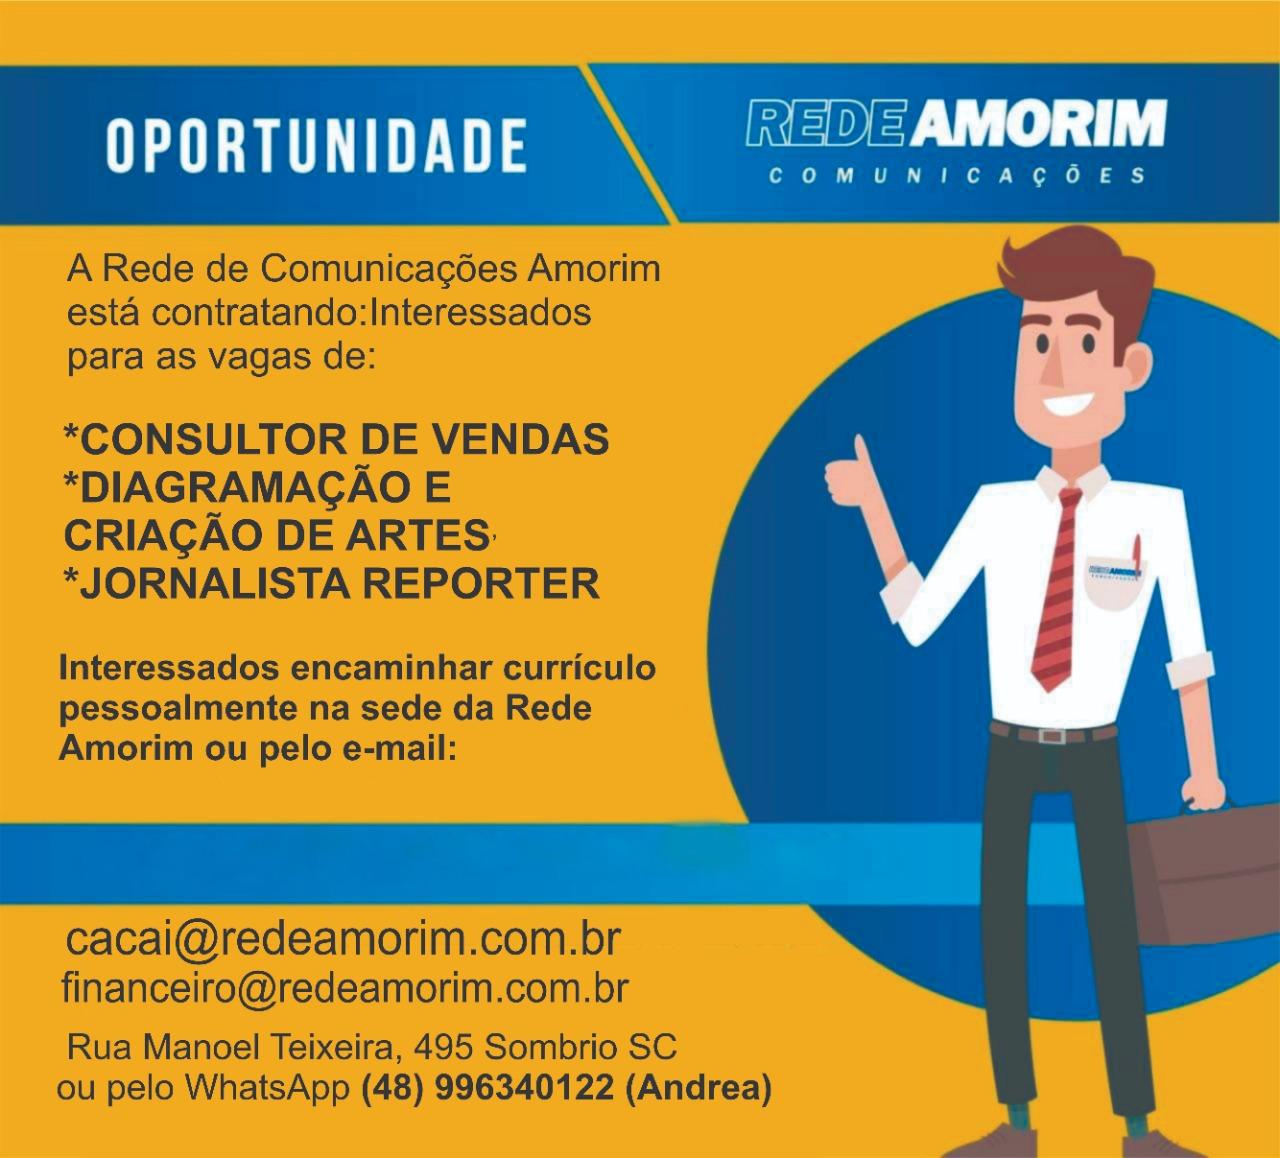 Oportunidade - Rede Amorim